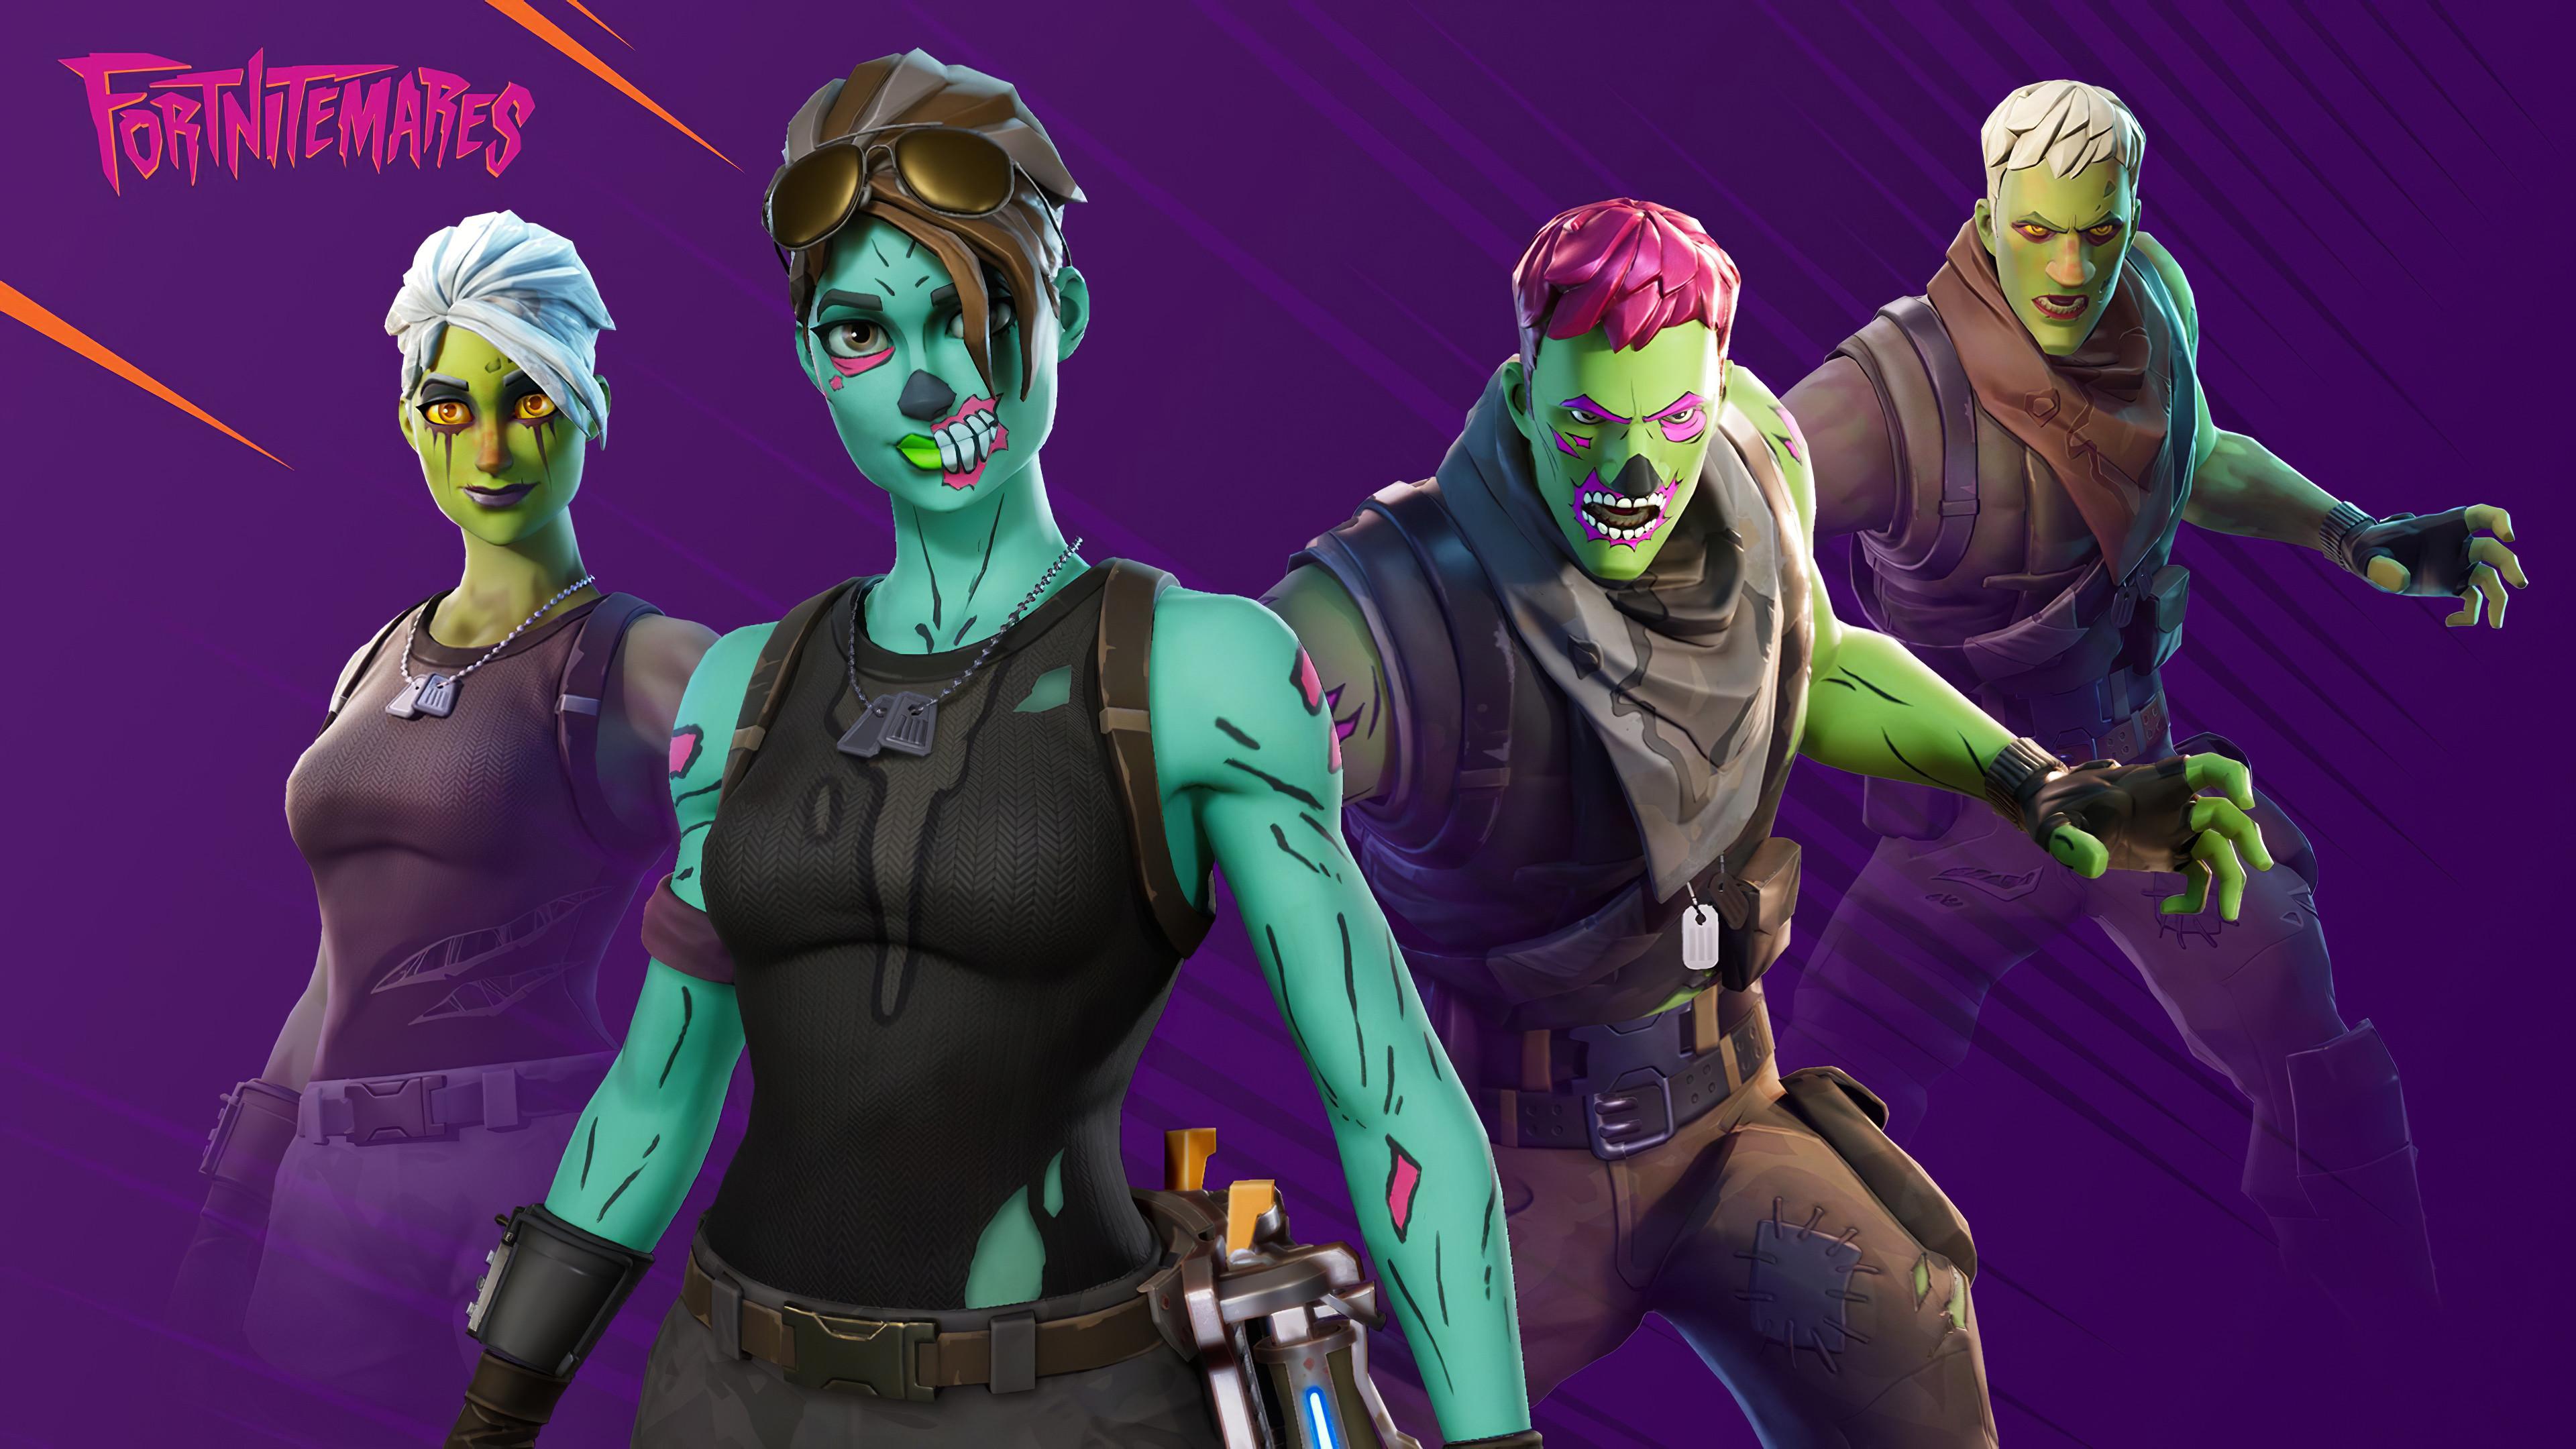 brainiac and ghoul trooper fortnite 4k 3x 3840x2160 1 - Brainiac And Ghoul Trooper Fortnite - Brainiac And Ghoul Trooper Fortnite 4k wallpaper